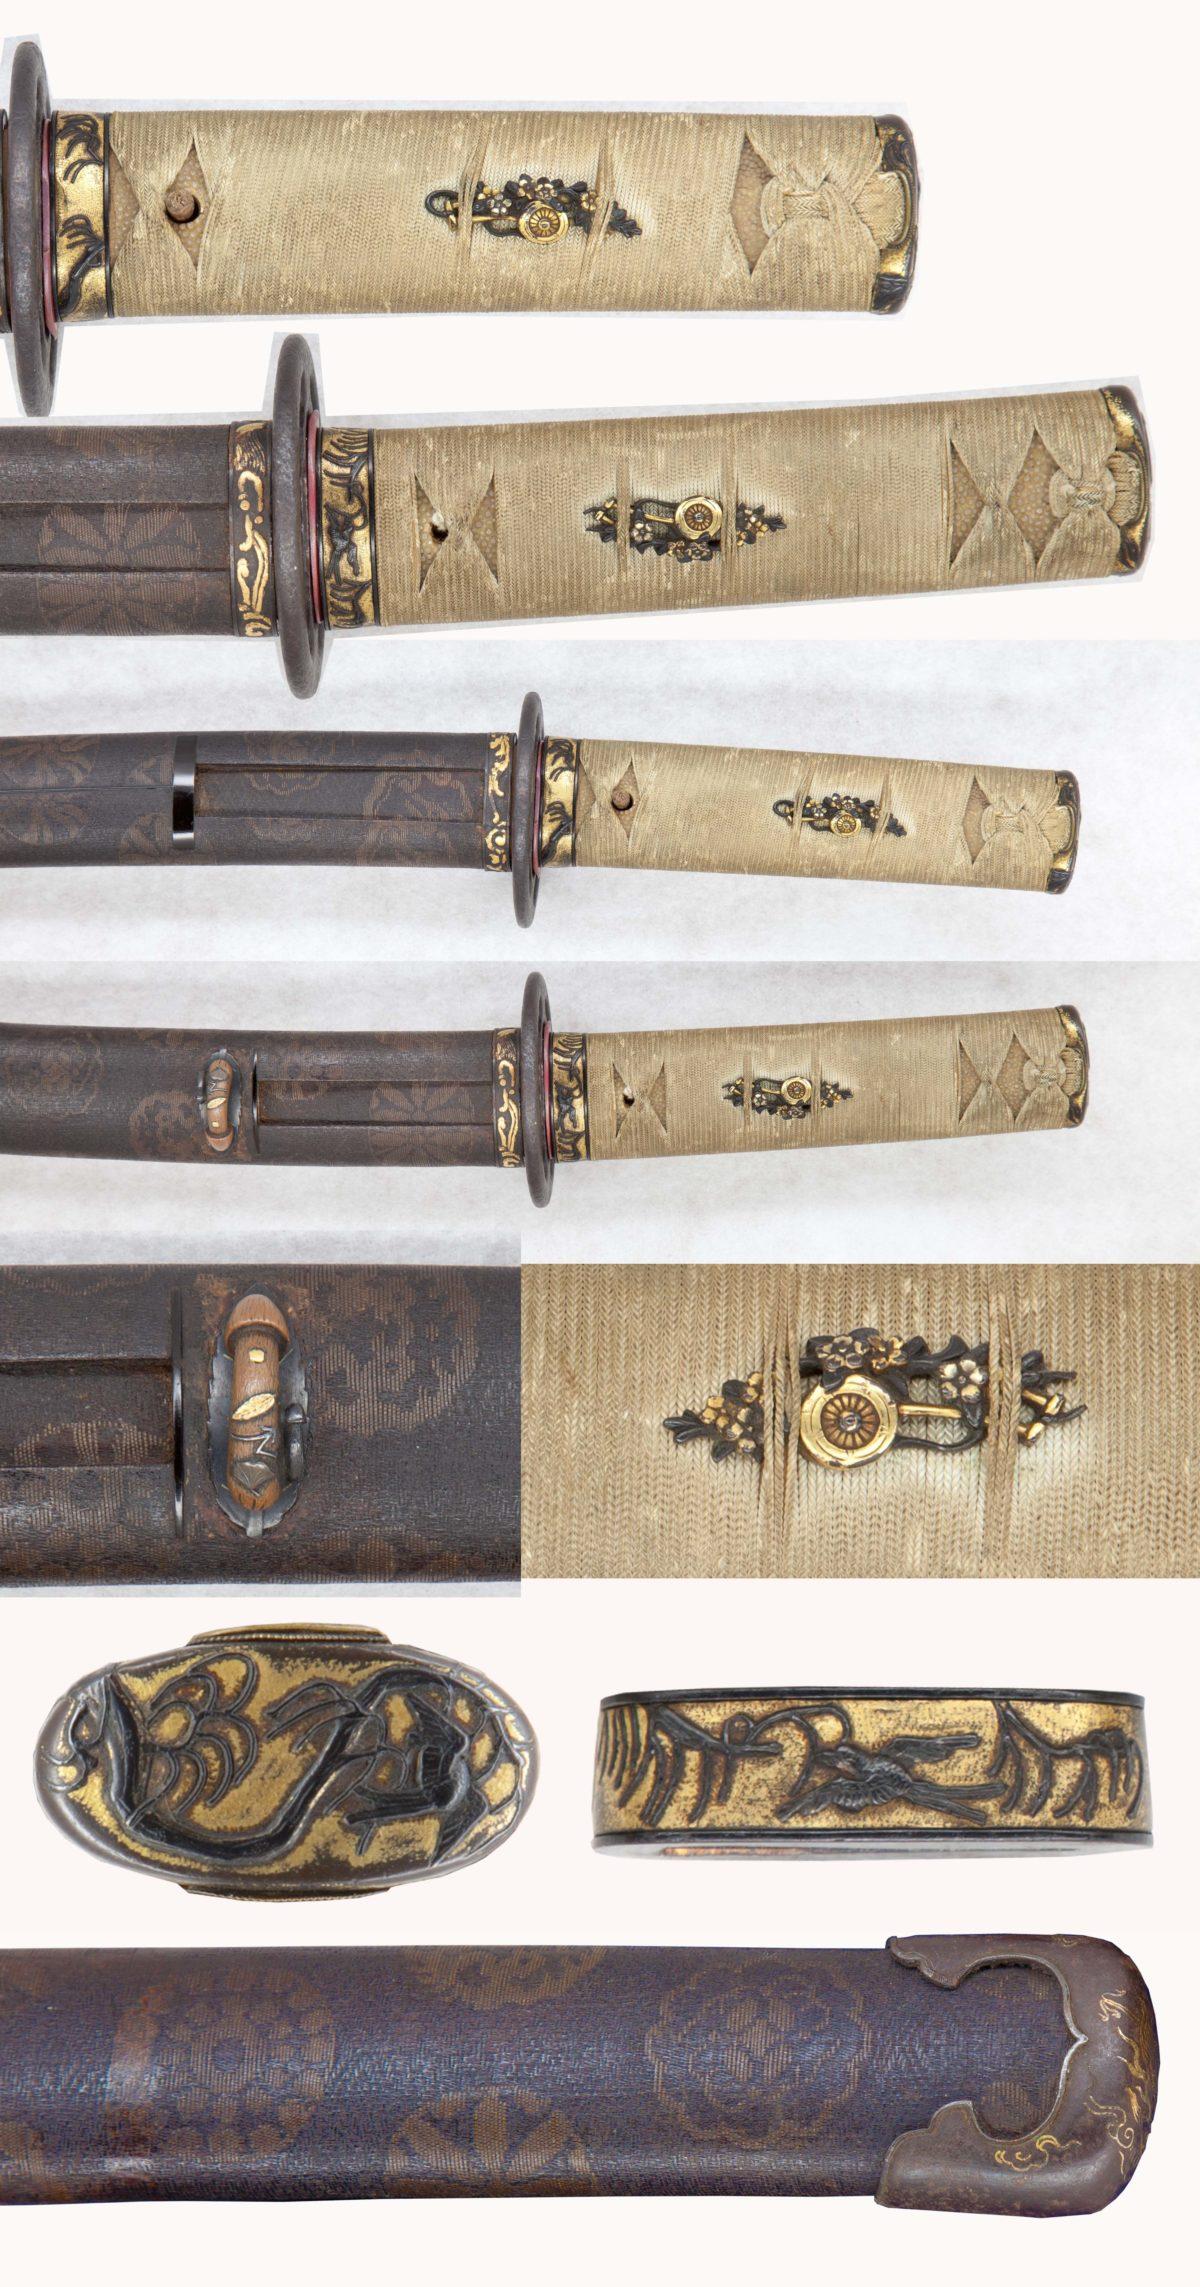 素晴らしい刀装具の数々。藩主の脇差しか・・・